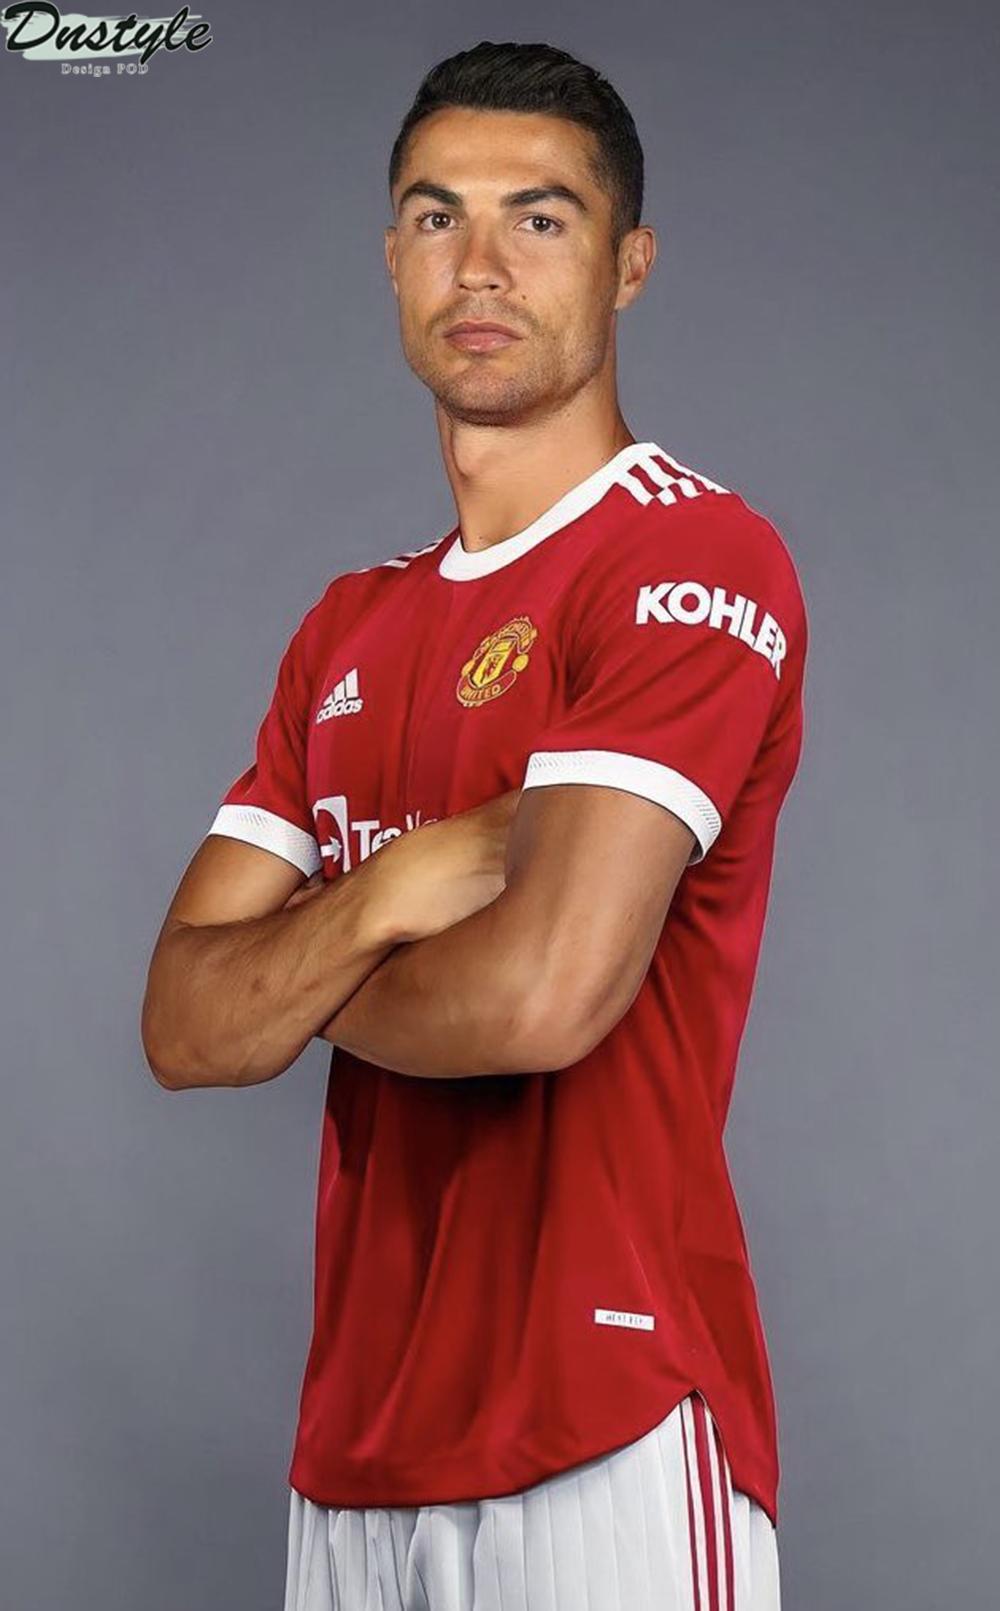 https://dnstyles.com/wp-content/uploads/2021/08/CR7-Ronaldo-Man-utd-home-kit-20-21-1.jpg